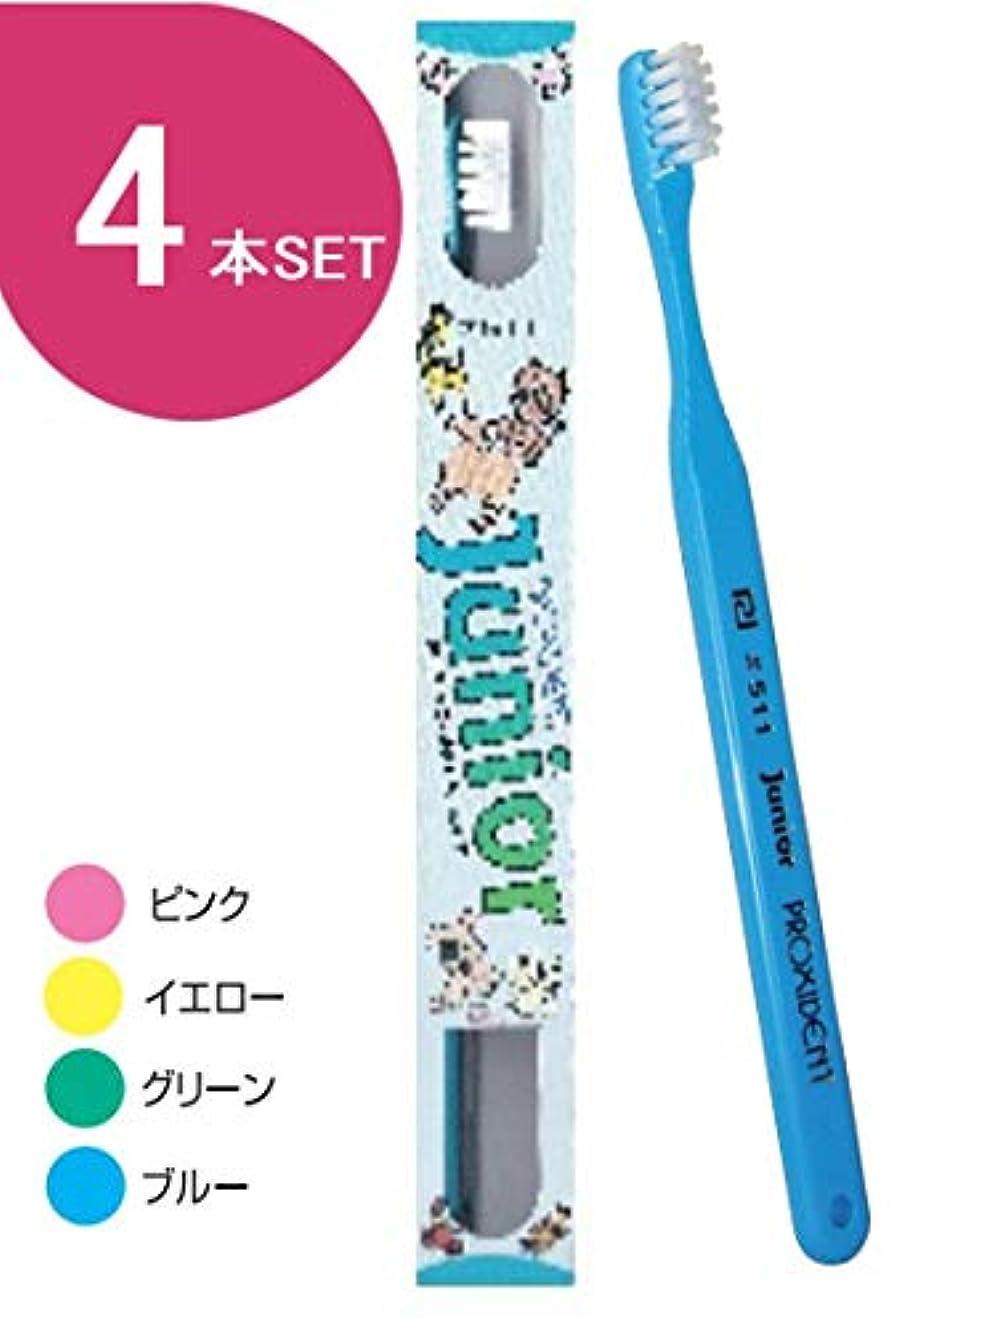 プローデント プロキシデント ジュニア 歯ブラシ #511 混合歯列期に… (4本)